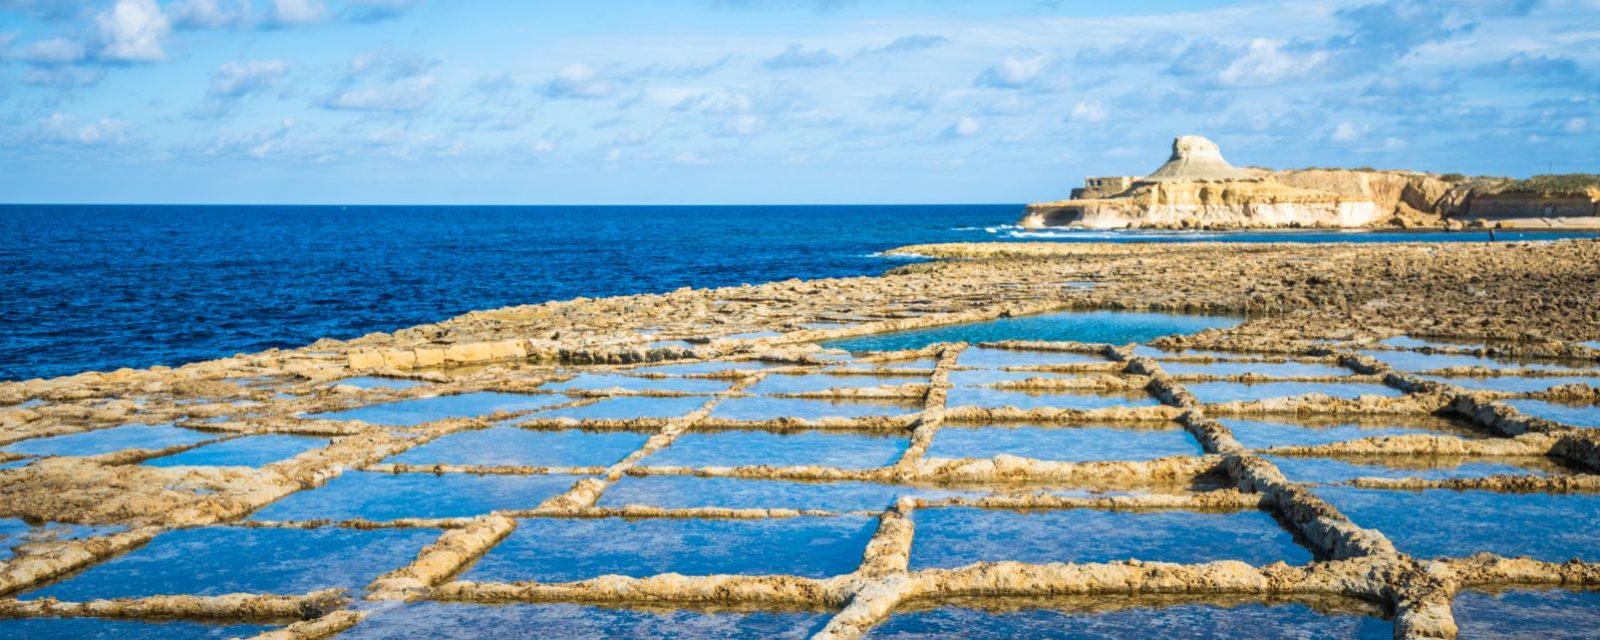 Visit Gozo in 1 day